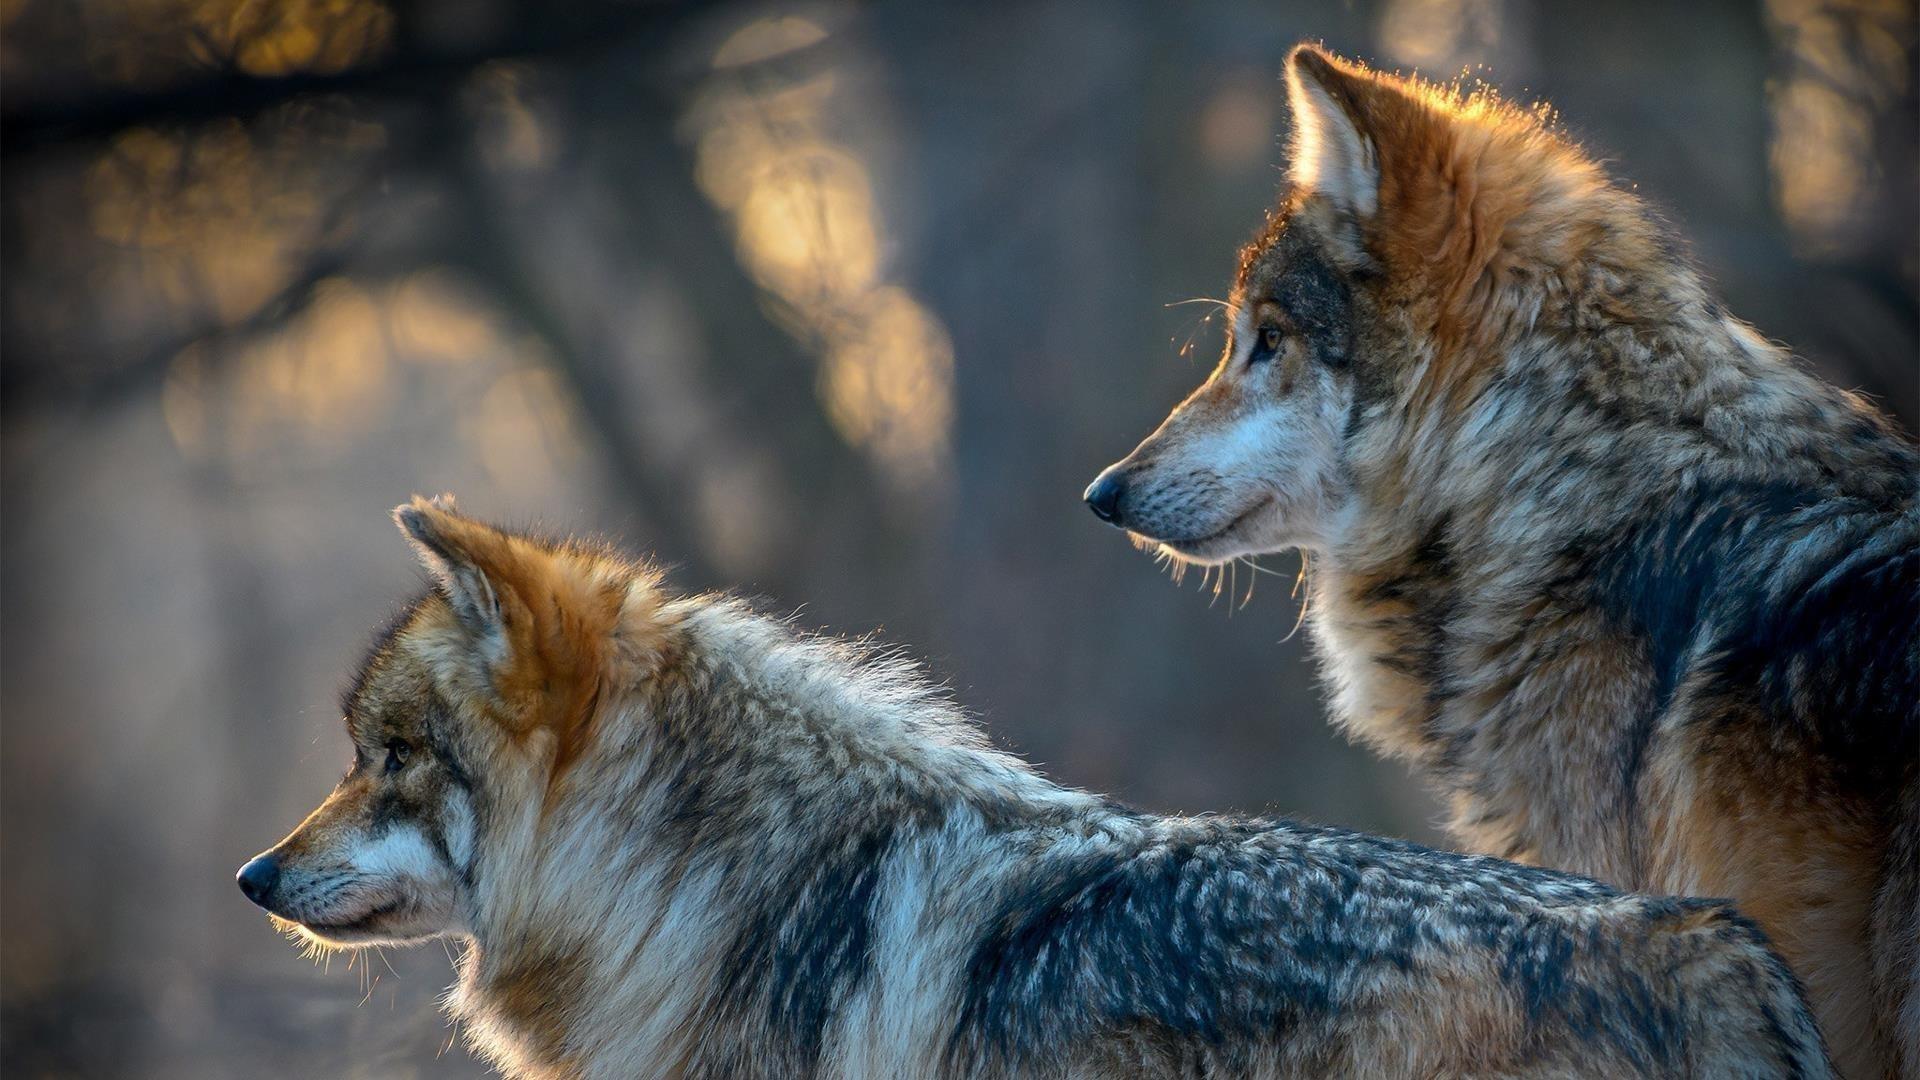 Два коричневых и белых волка стоят и смотрят в одну сторону на фоне голубого пепла животных обои скачать